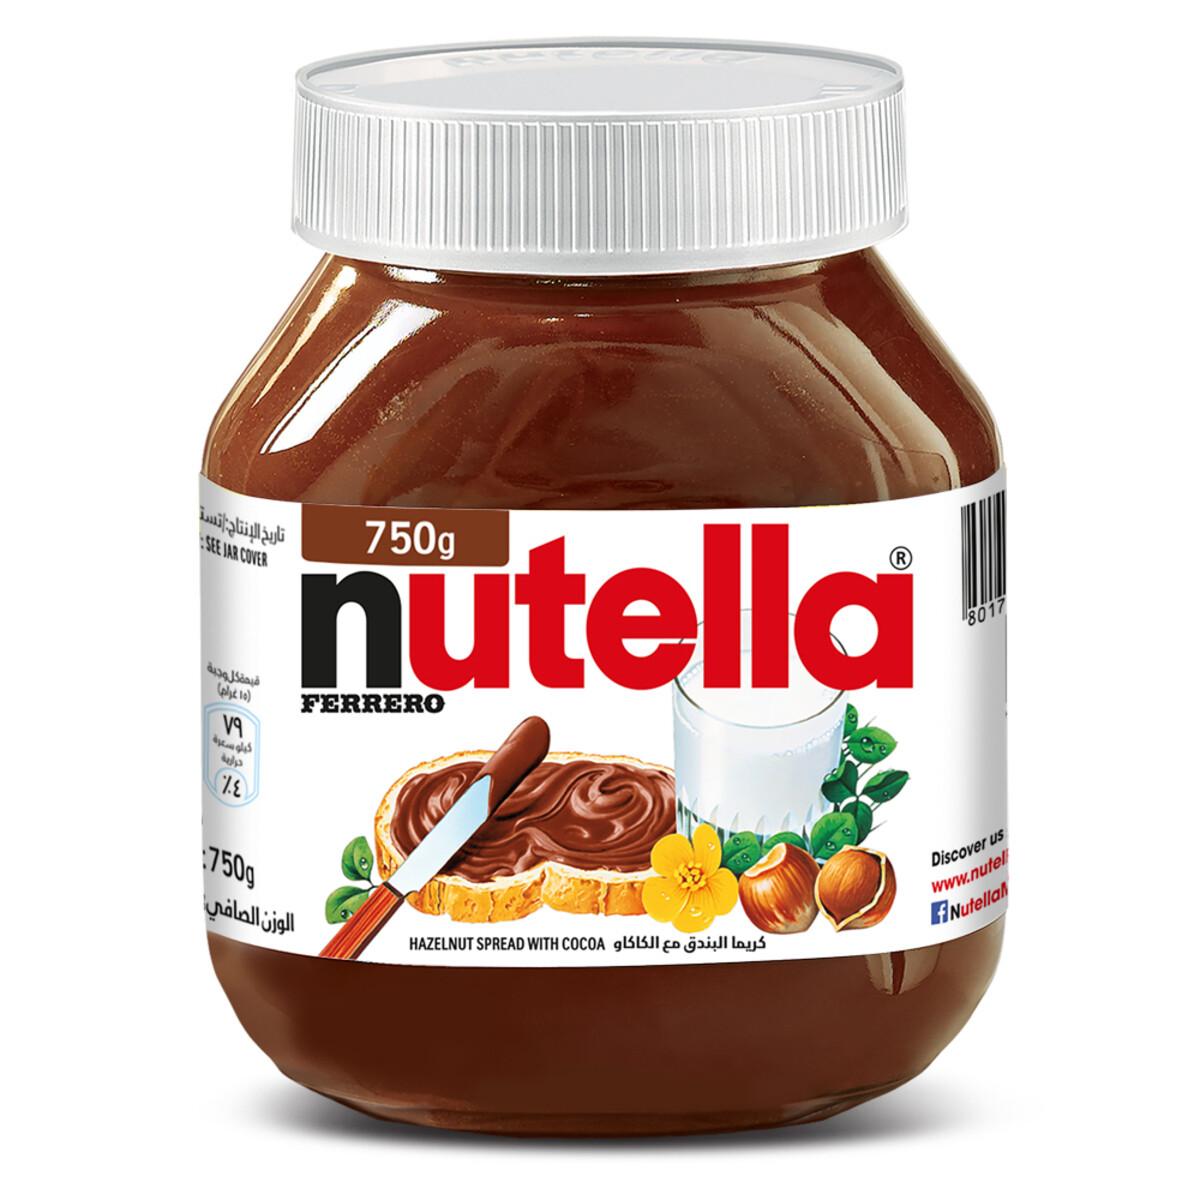 Nutella Ferrero Hazelnut Spread with Cocoa 750gr